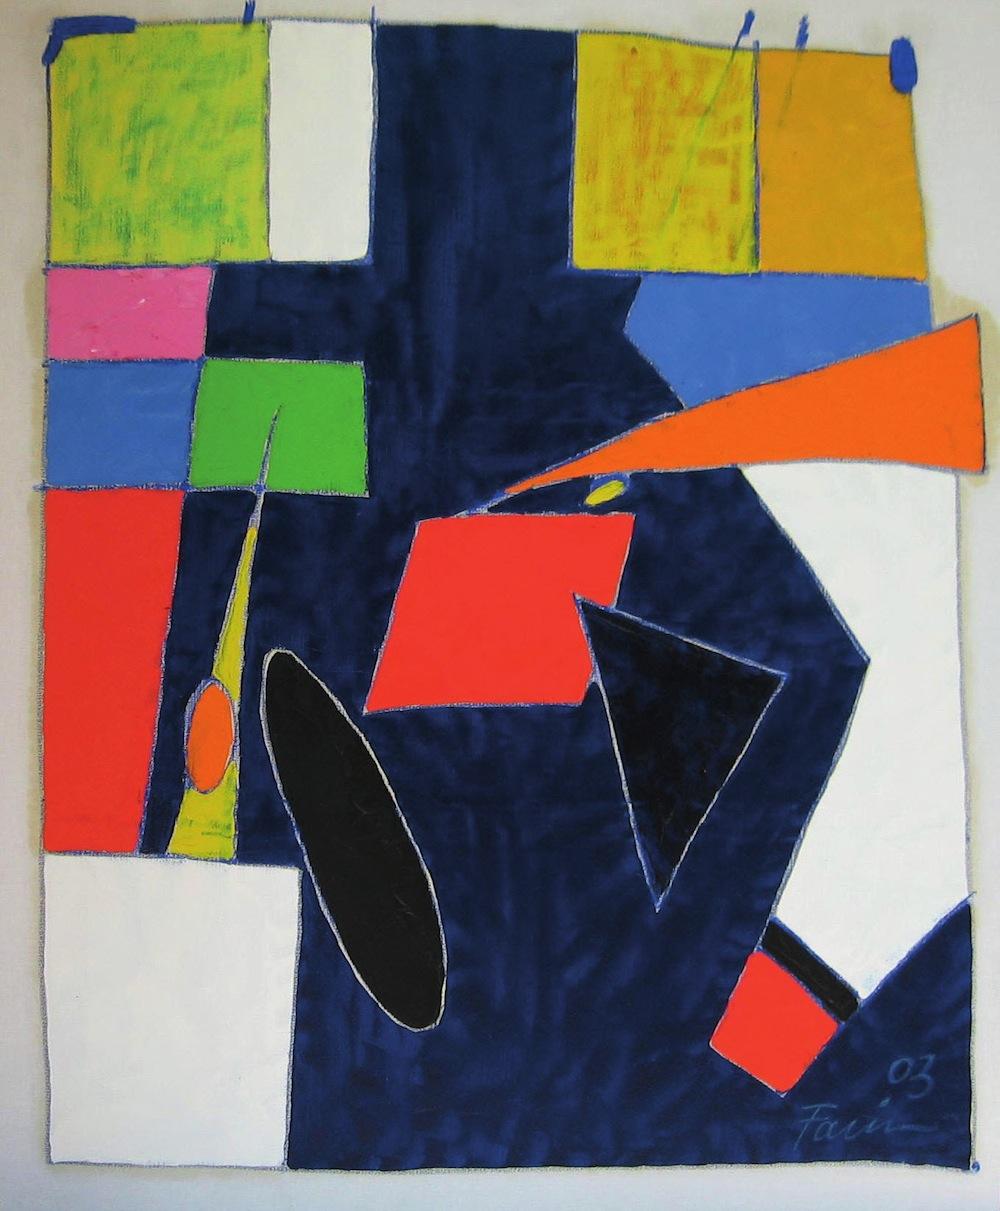 Marina, 2003 <br/> Olio su tela, 70 x 80 cm